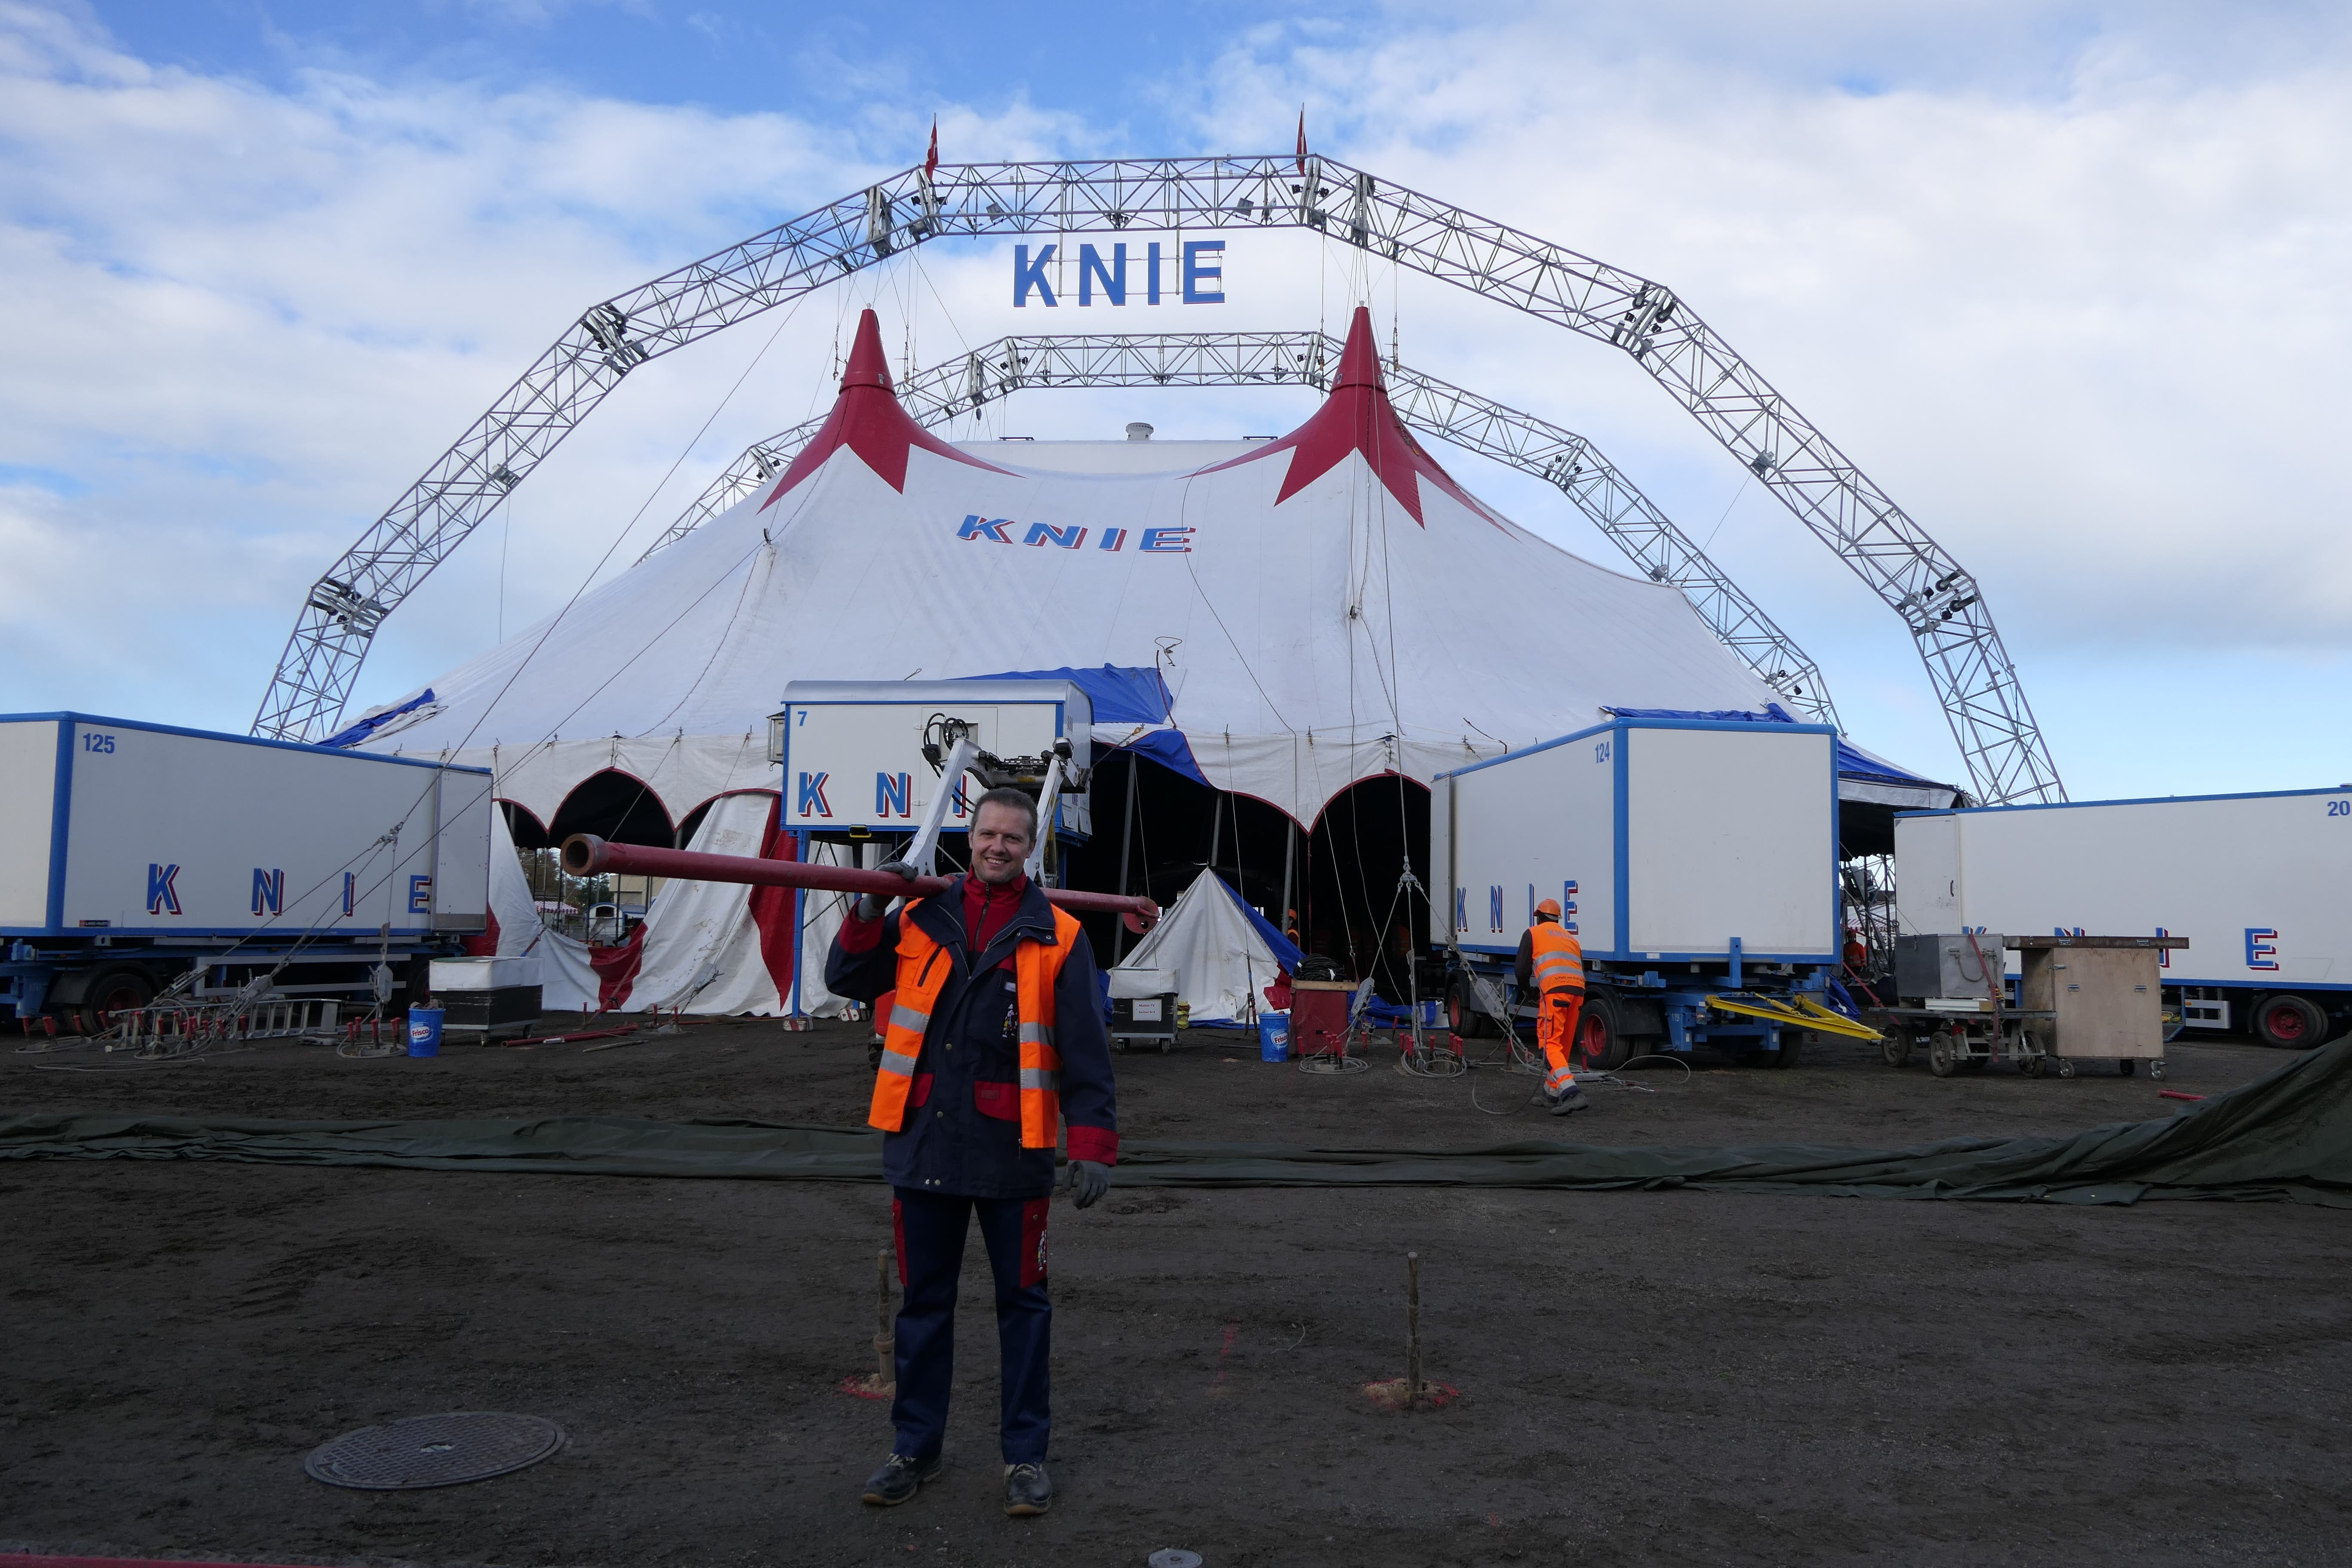 Rund sieben Stunden dauert es, bis das Zelt komplett aufgebaut ist. Franco Knie junior (rechts) ist für die gesamte Logistik verantwortlich. (Bild: Laura Sibold, Zug, 4. November 2019)